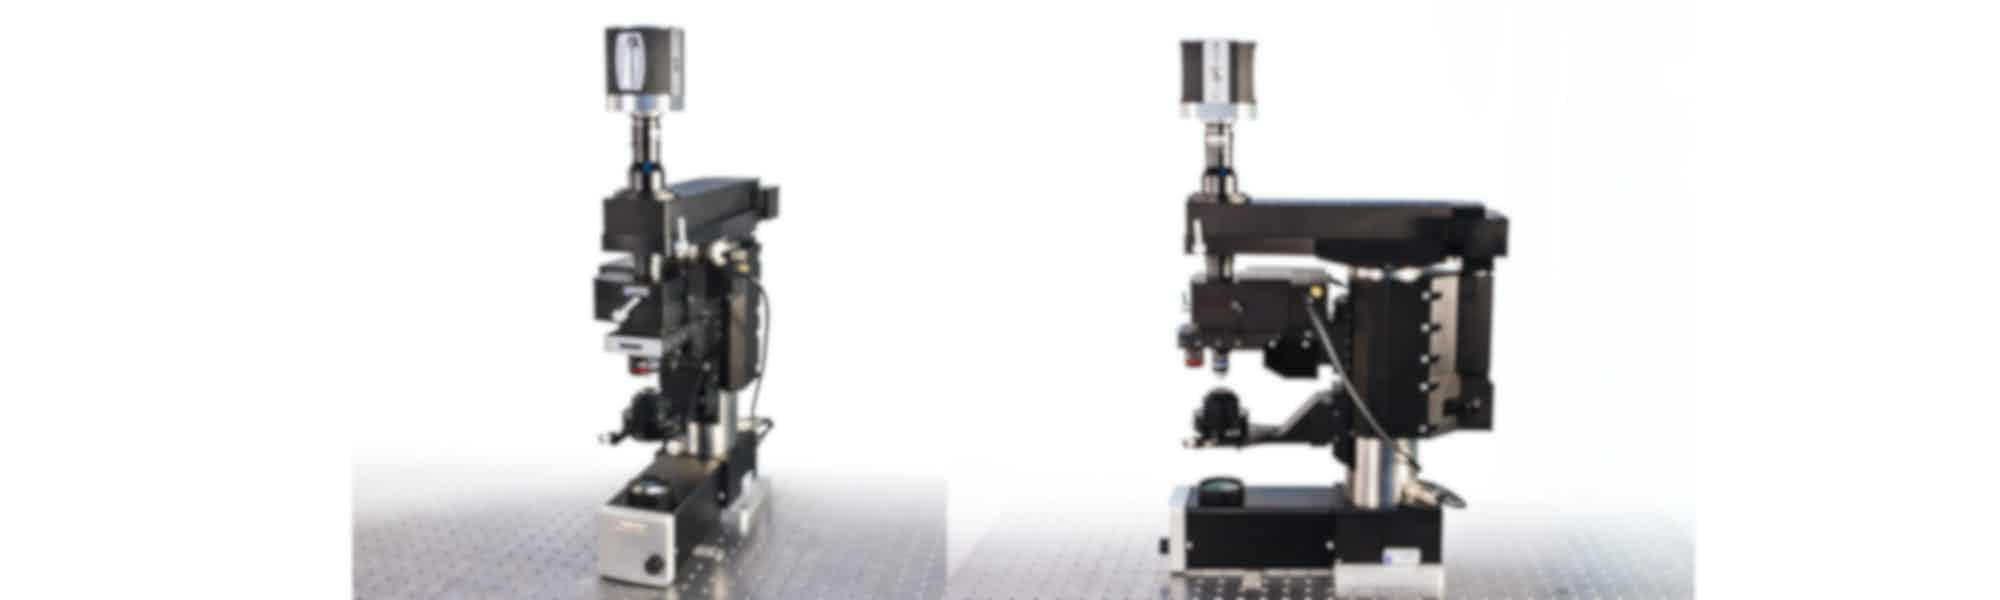 Scientifica Multiphoton Galvo System